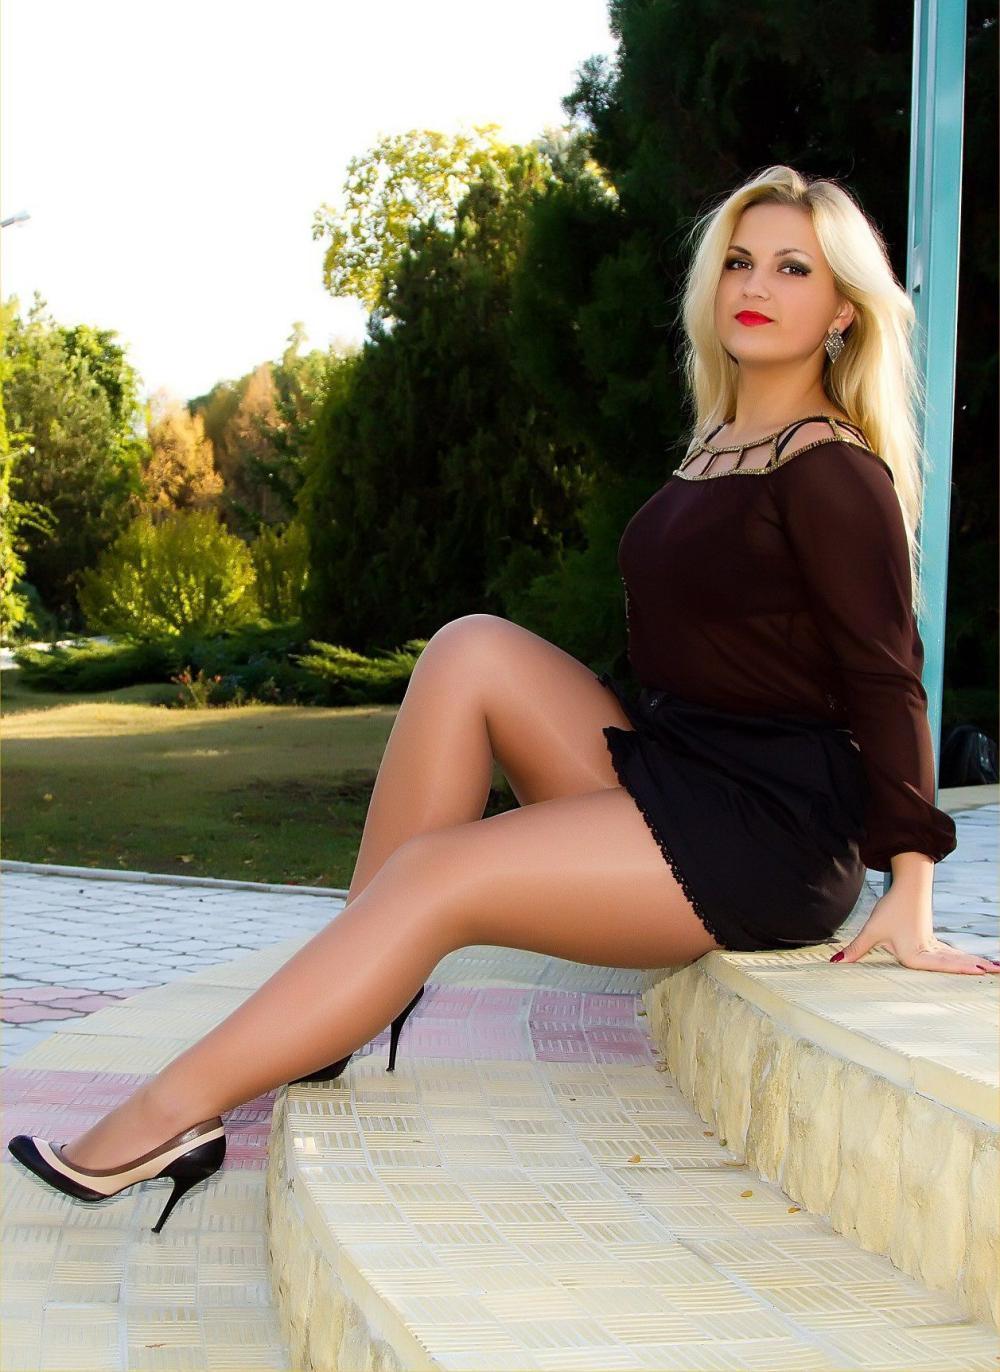 зрелые в коротких юбках блондинка с распущенным длинным волосом сидит на ступеньках в арке ножки шикарные в светлых колготках и туфли на высоком каблуке